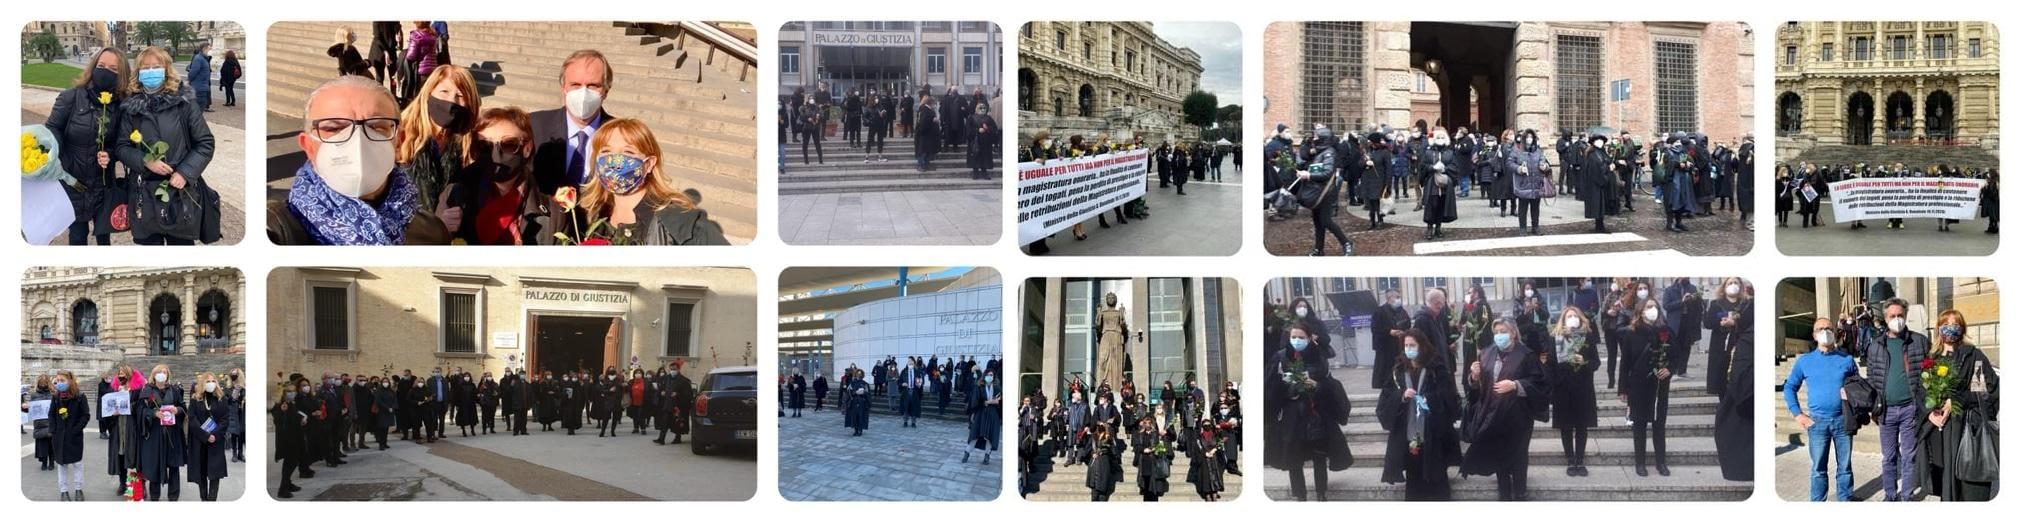 Flashmob davanti alla Corte di Cassazione